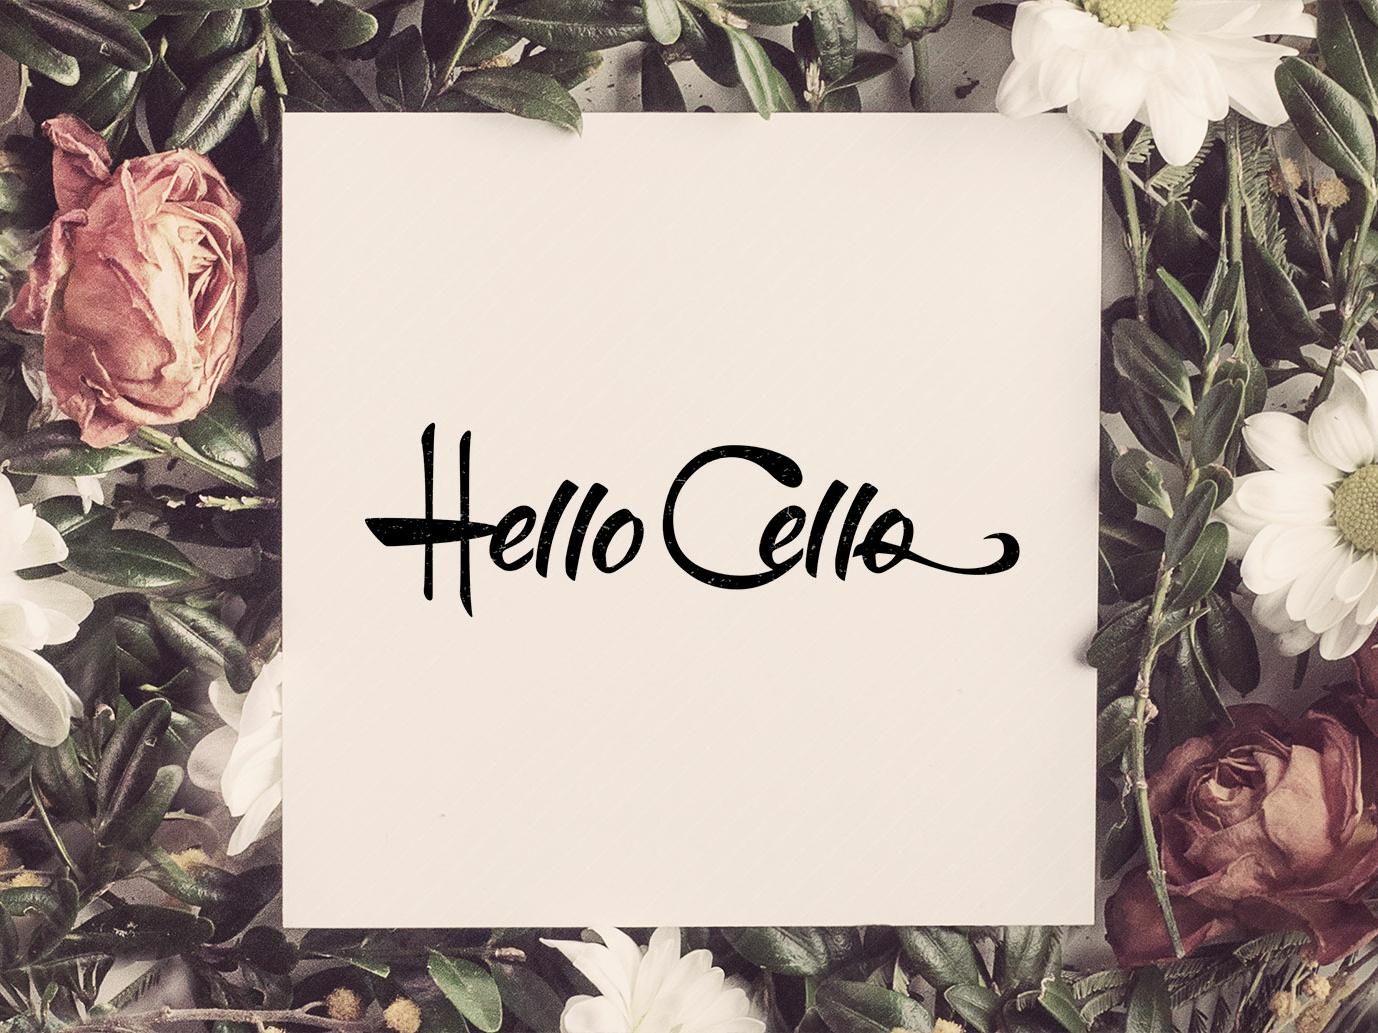 Hello Cello hello cello cello logo